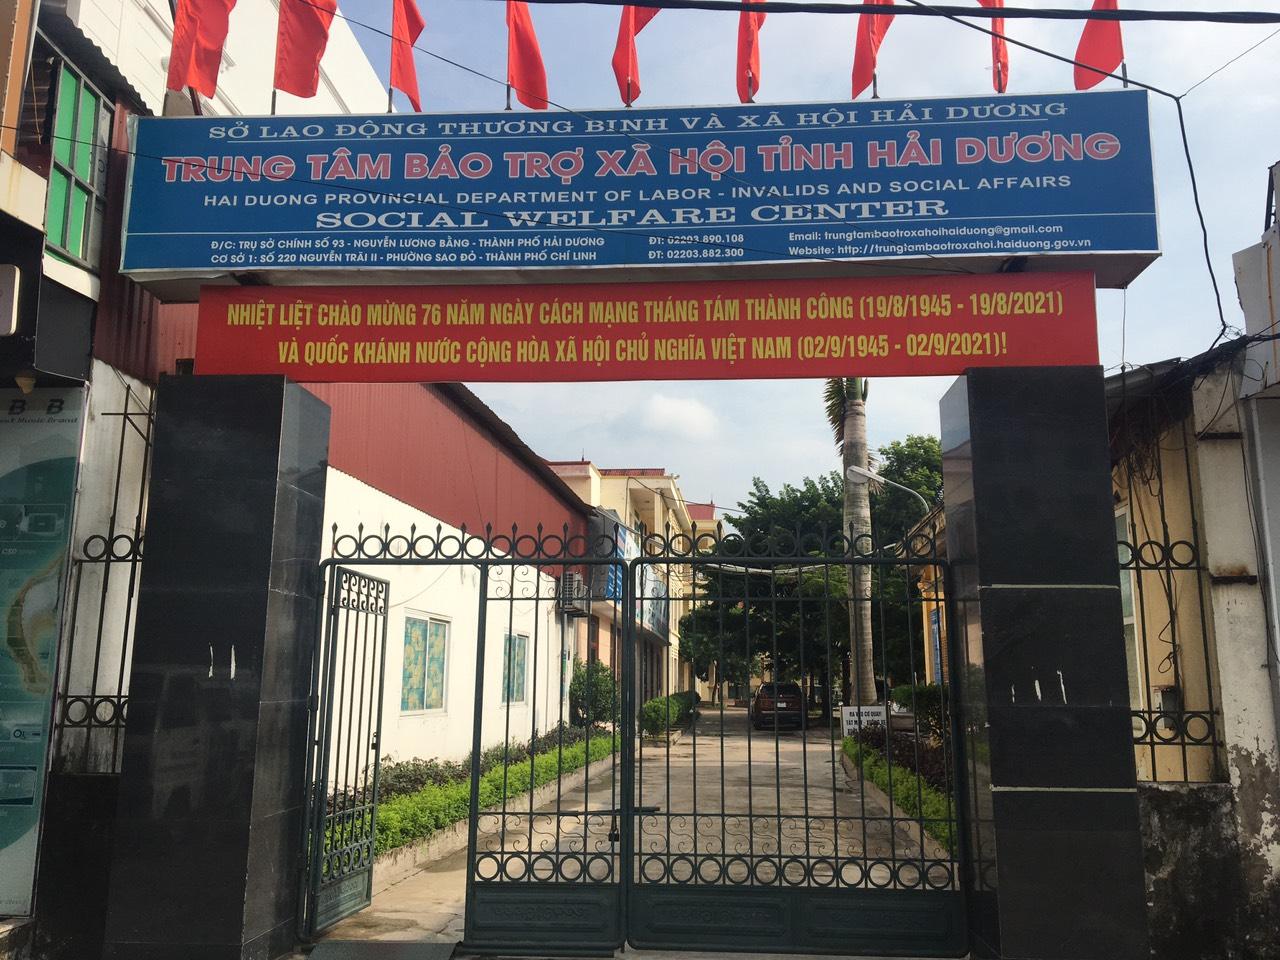 Ủng hộ thiết bị học tập cho học sinh khuyết tật tại Trung tâm Bảo trợ xã hội tỉnh Hải Dương